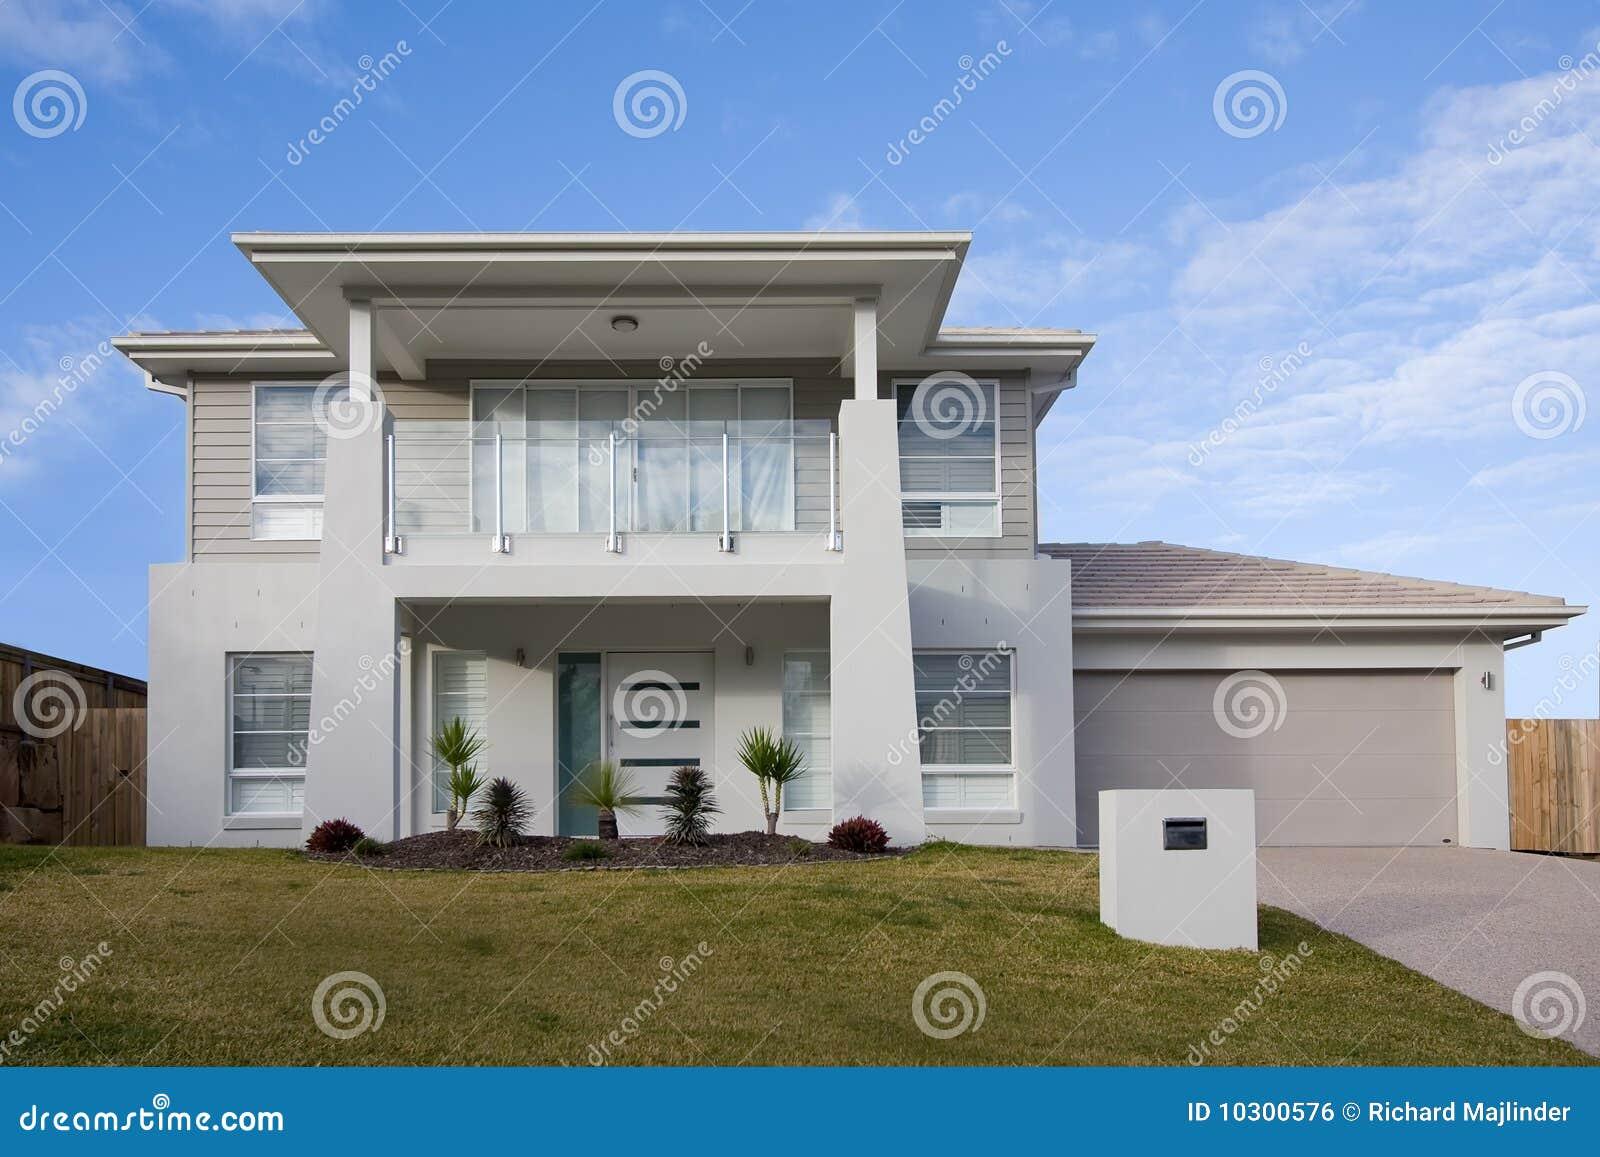 Casa de dos pisos moderna con un balc n foto de archivo for Fotos de casas modernas con balcon